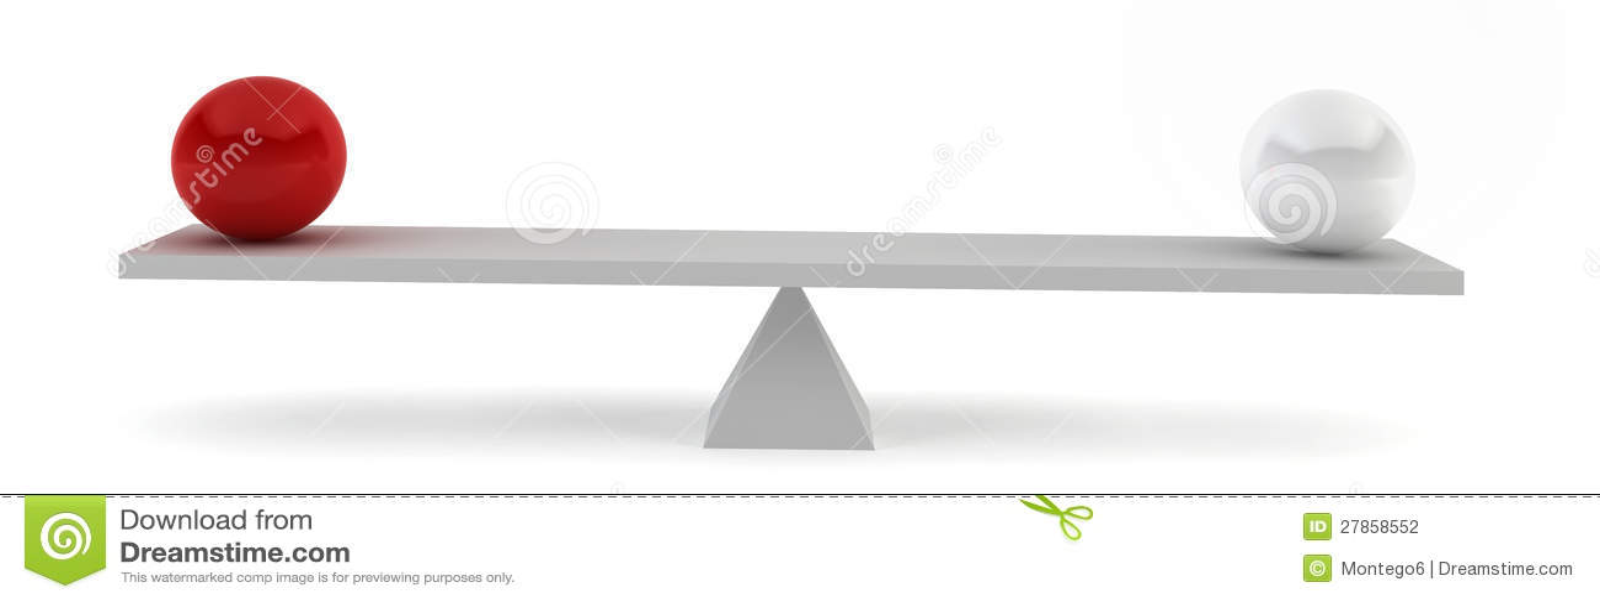 W równowadze dwa sfery